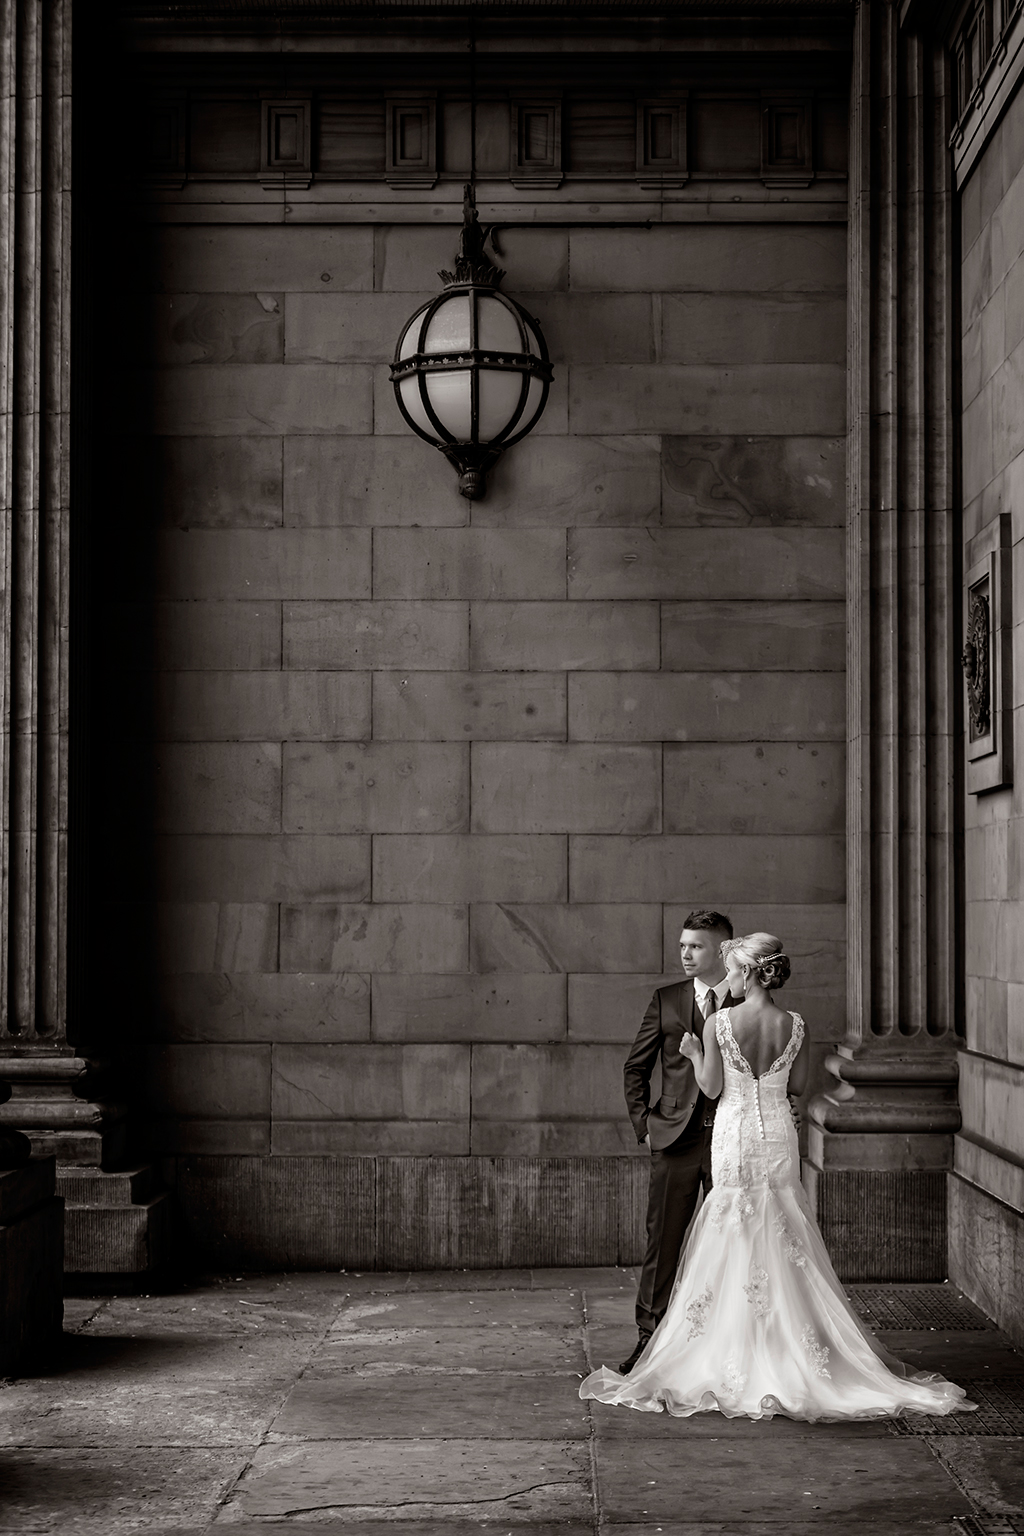 Wedding Photography Training 1-2-1